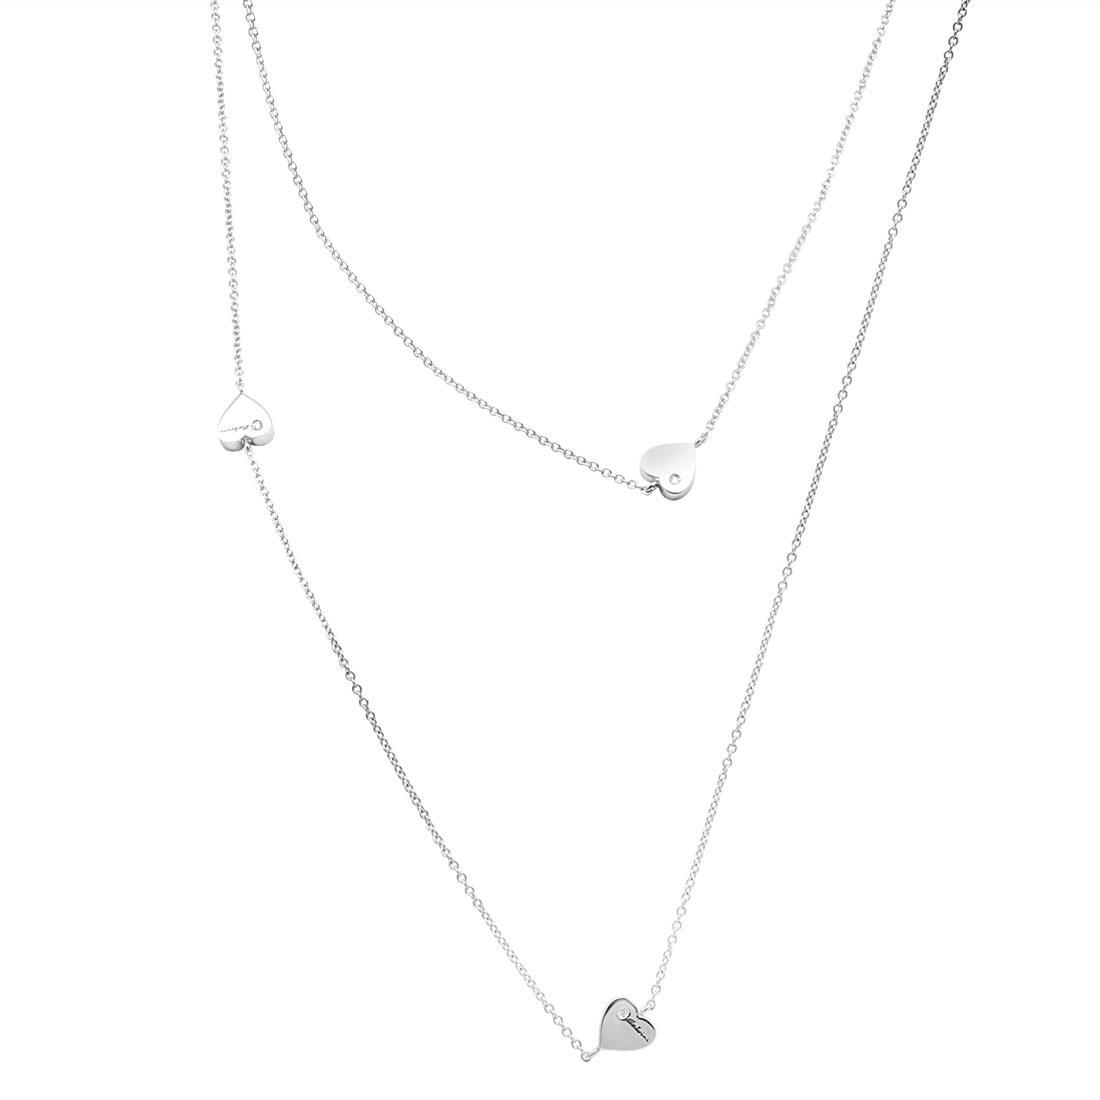 Collana in oro bianco con cuori e diamanti ct 0.282, lunghezza 90cm - SALVINI